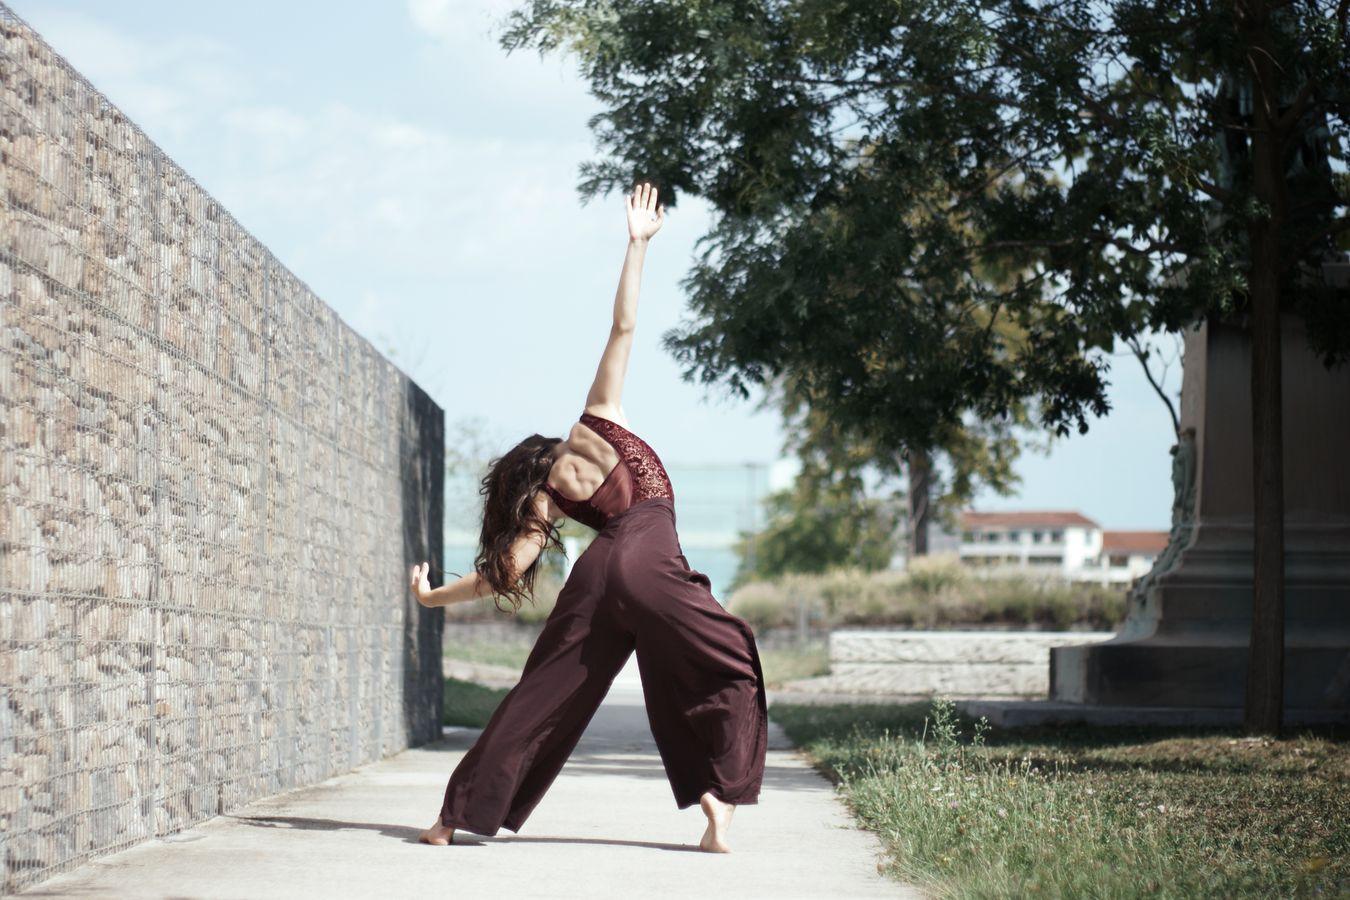 Mathilde fait de la danse contemporaine dans le parc de l'hôpital de la Croix-Rousse. Il semble qu'elle lève un bras derrière elle, comme pour se protéger du soleil qui l'éblouie.